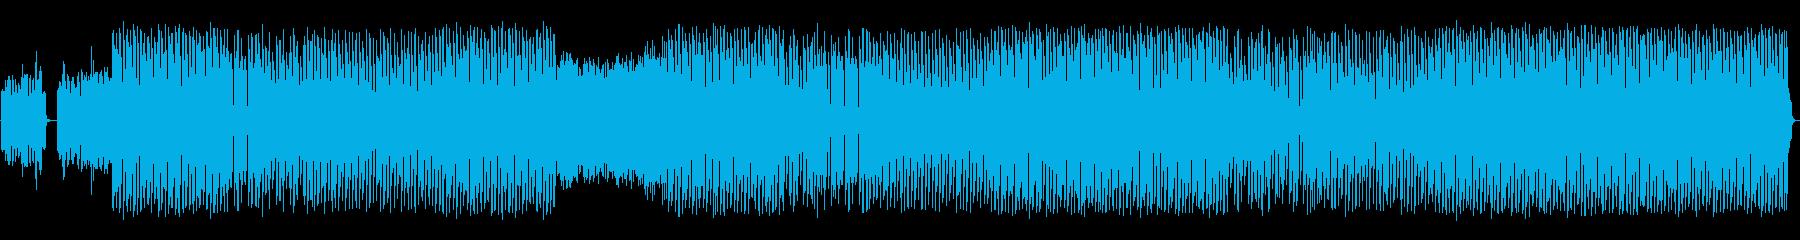 モダンなシンセメロディとドライビン...の再生済みの波形